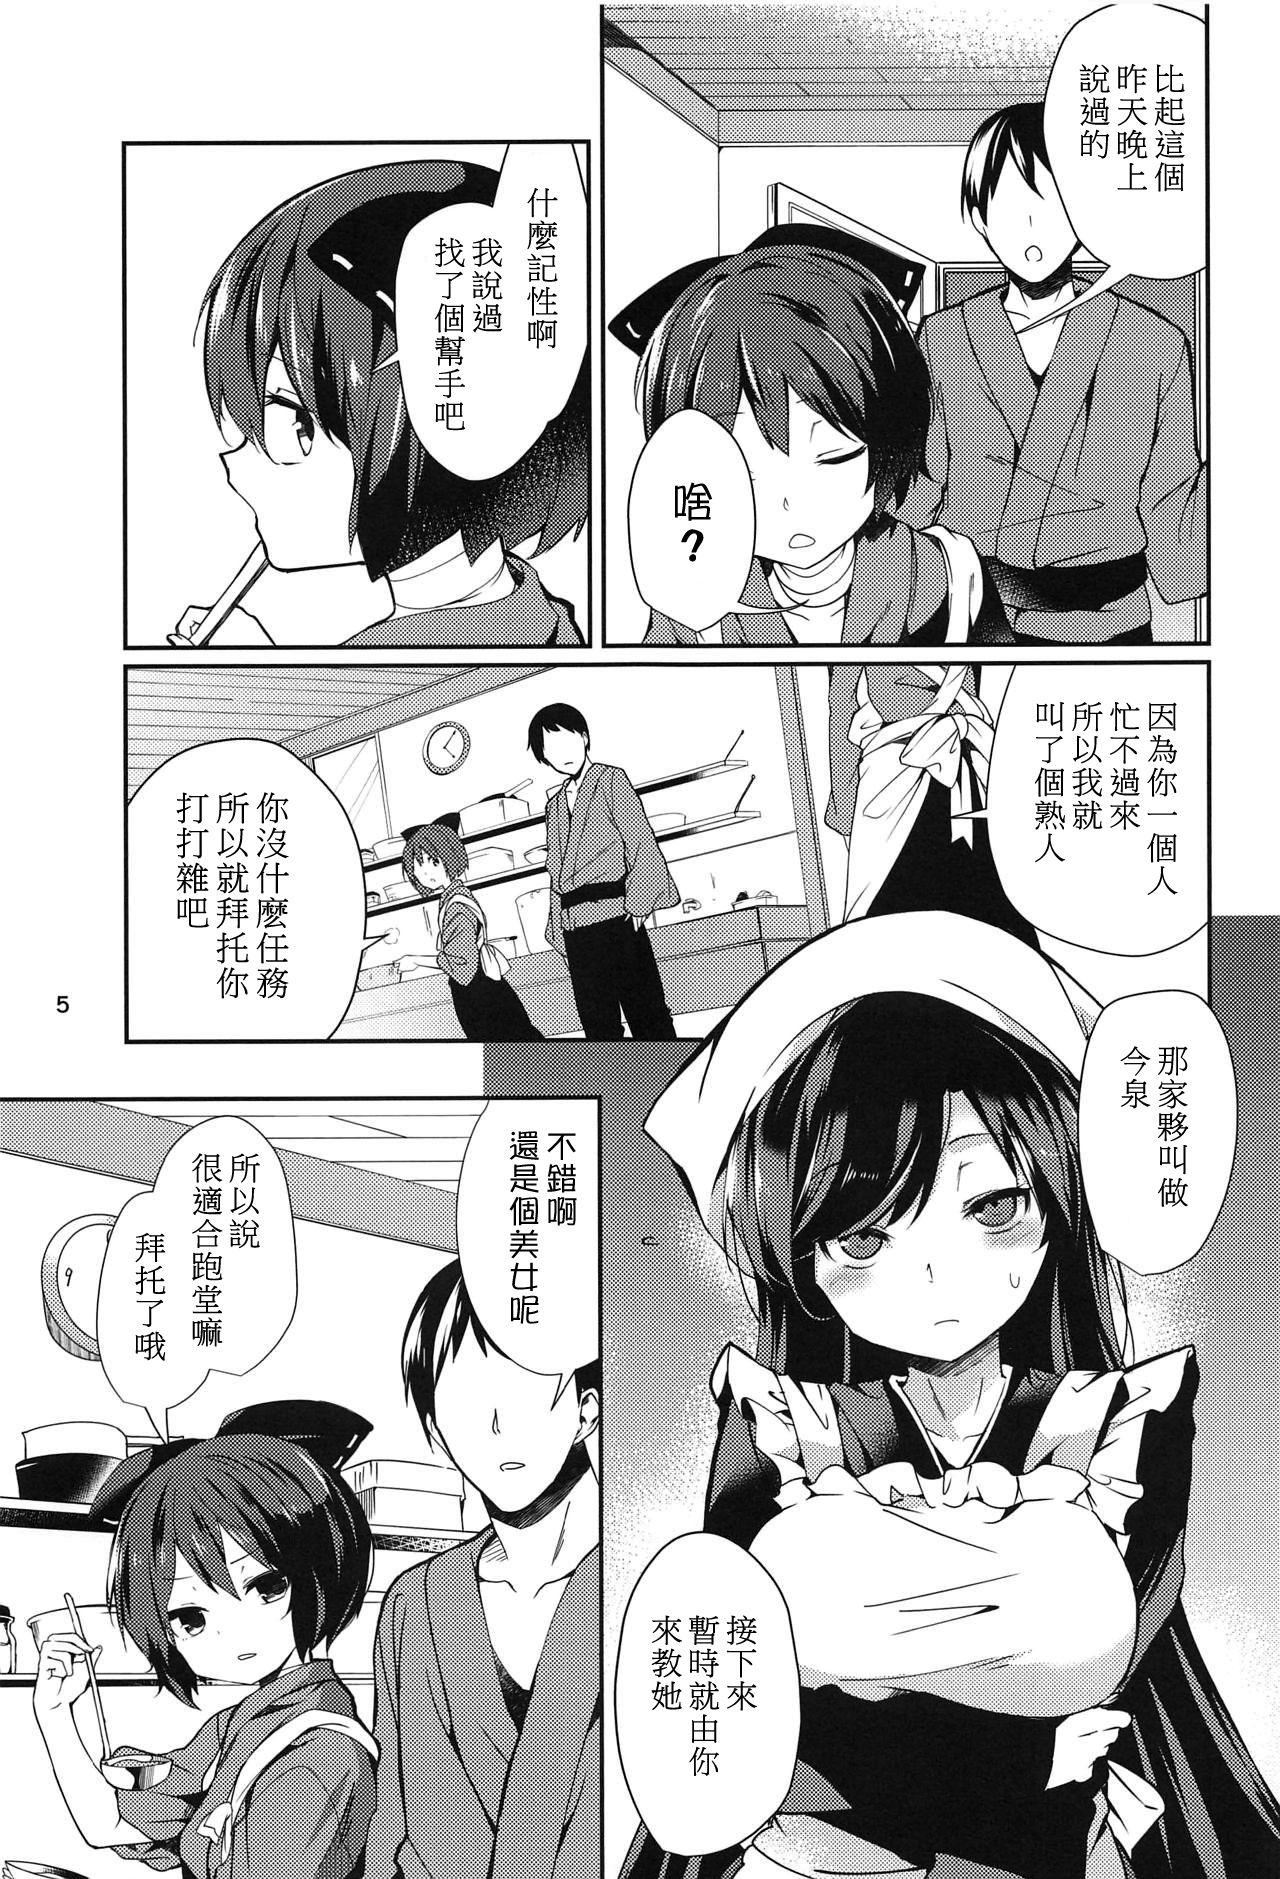 Kagerou-san no Ningen Taikenki 4